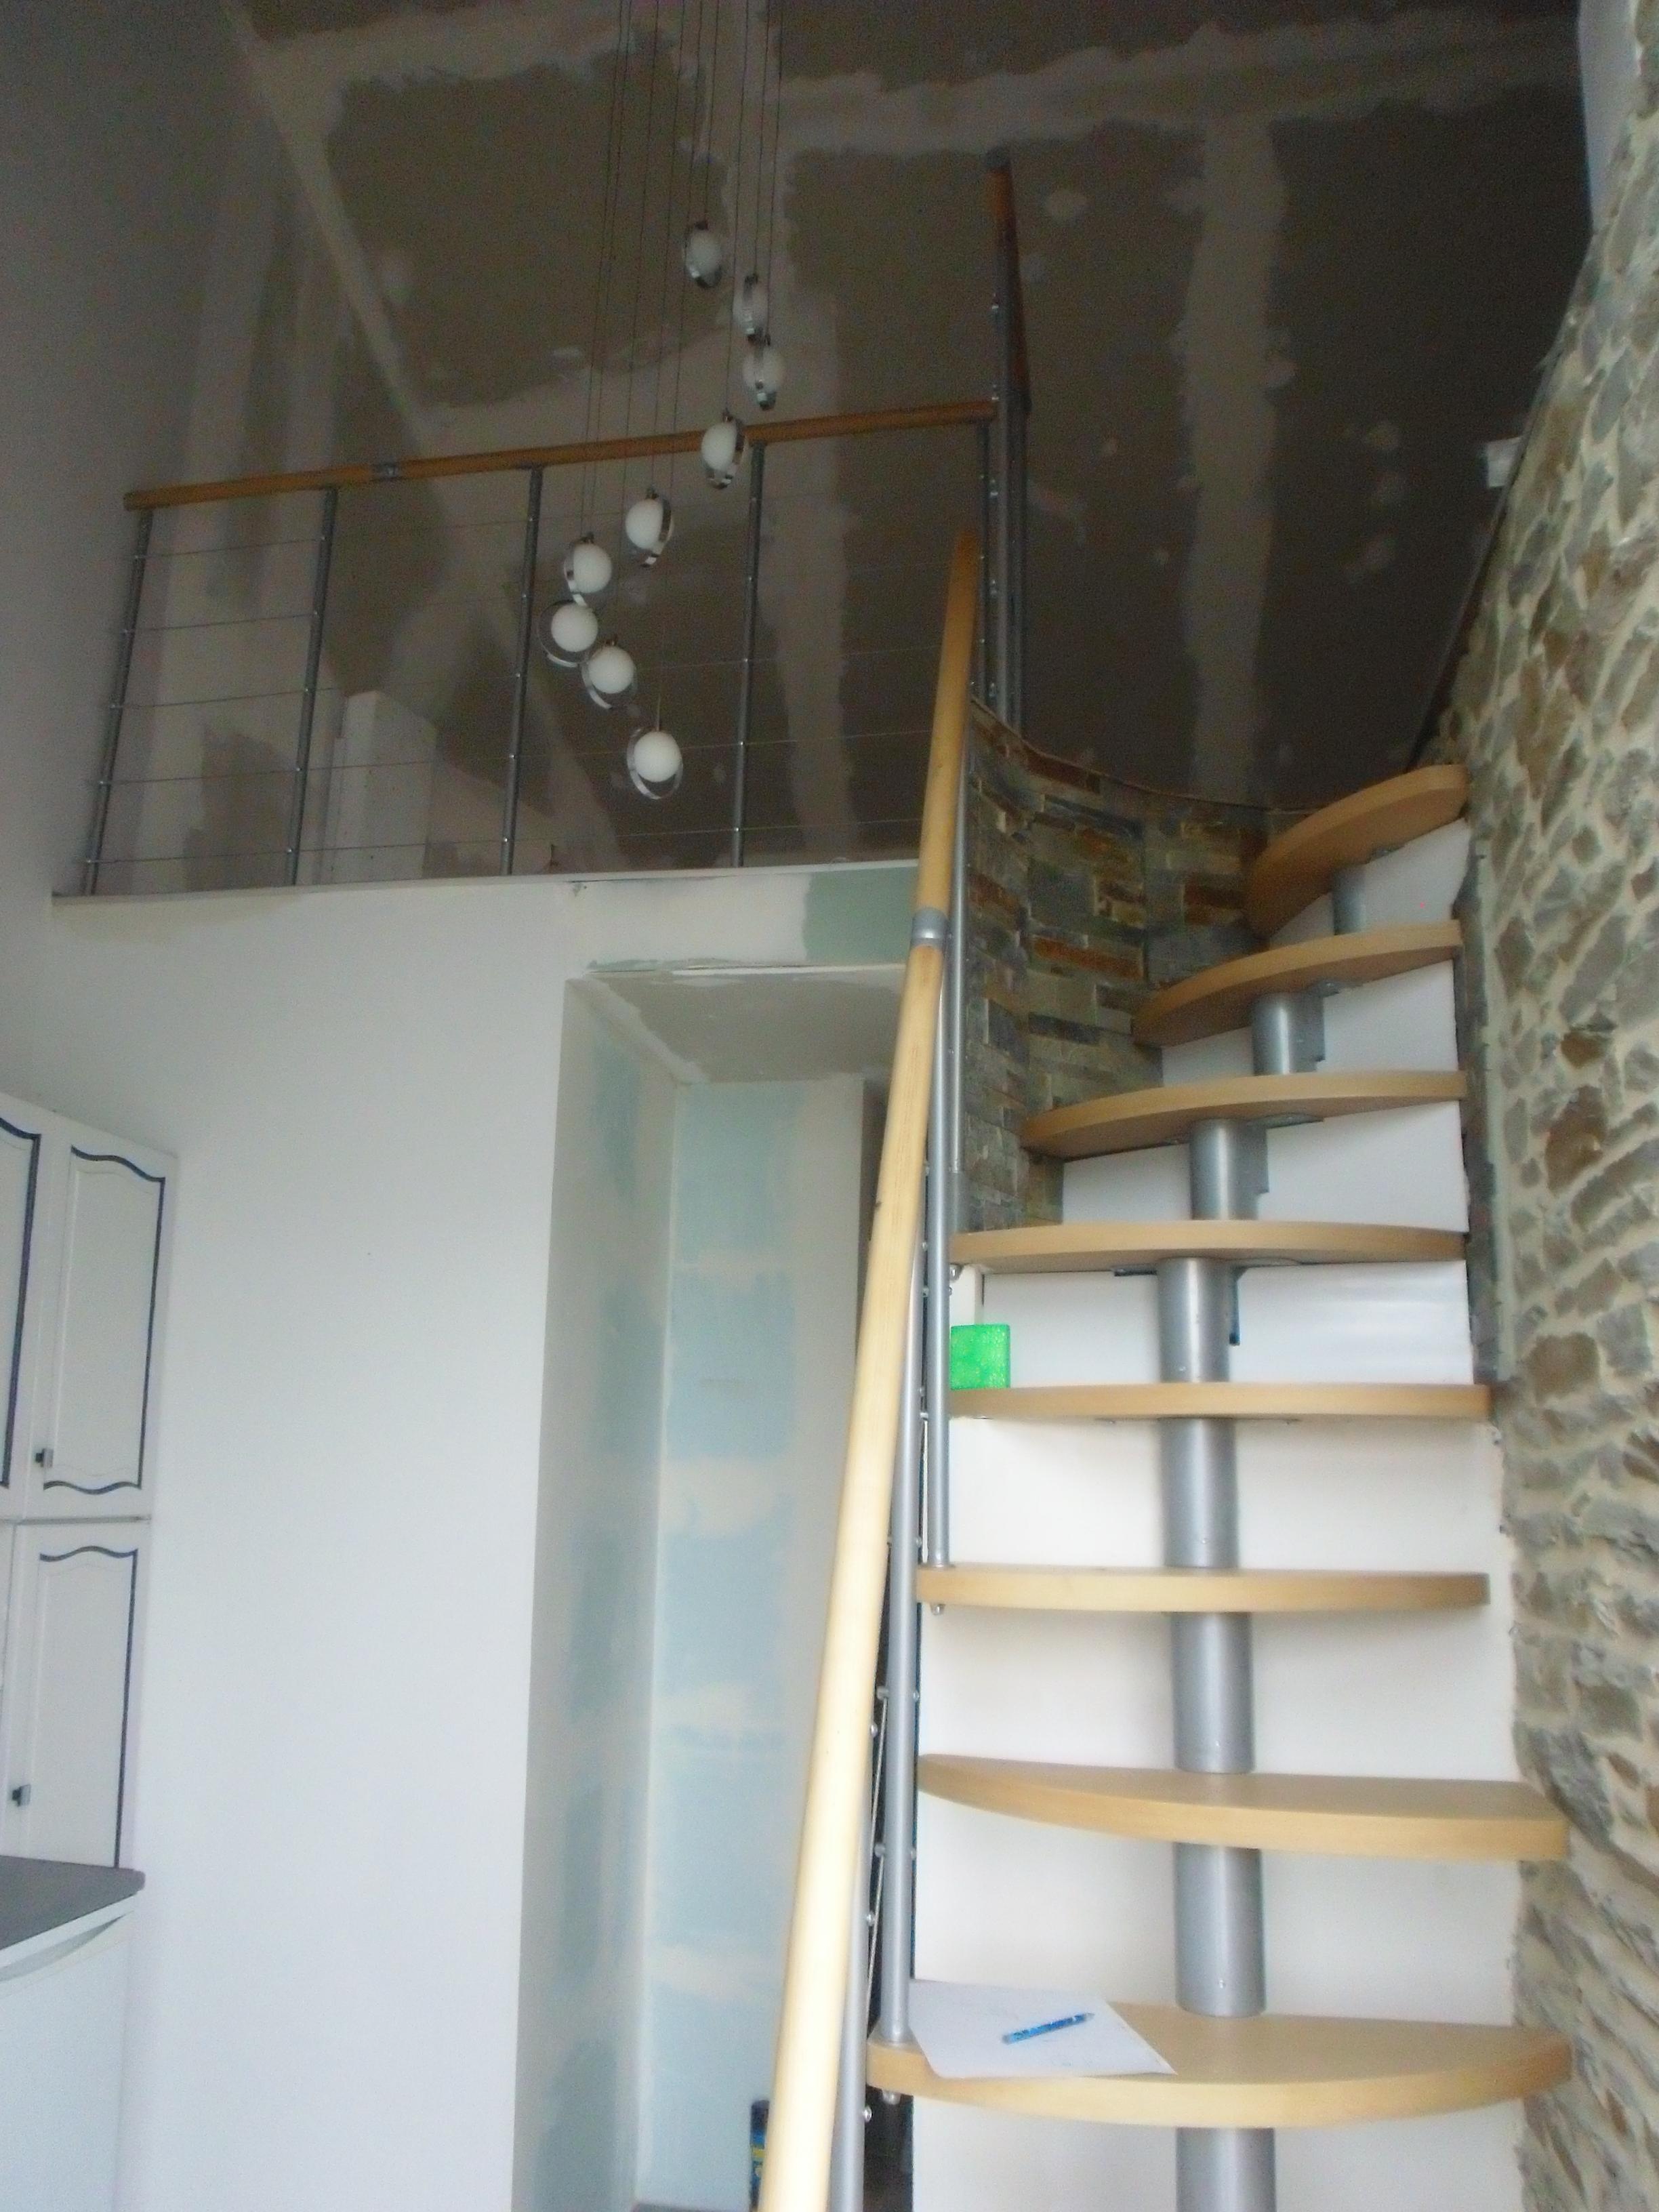 Architechniques christ le brier r novation d 39 une petite maison au bord - Renovation petite maison ...